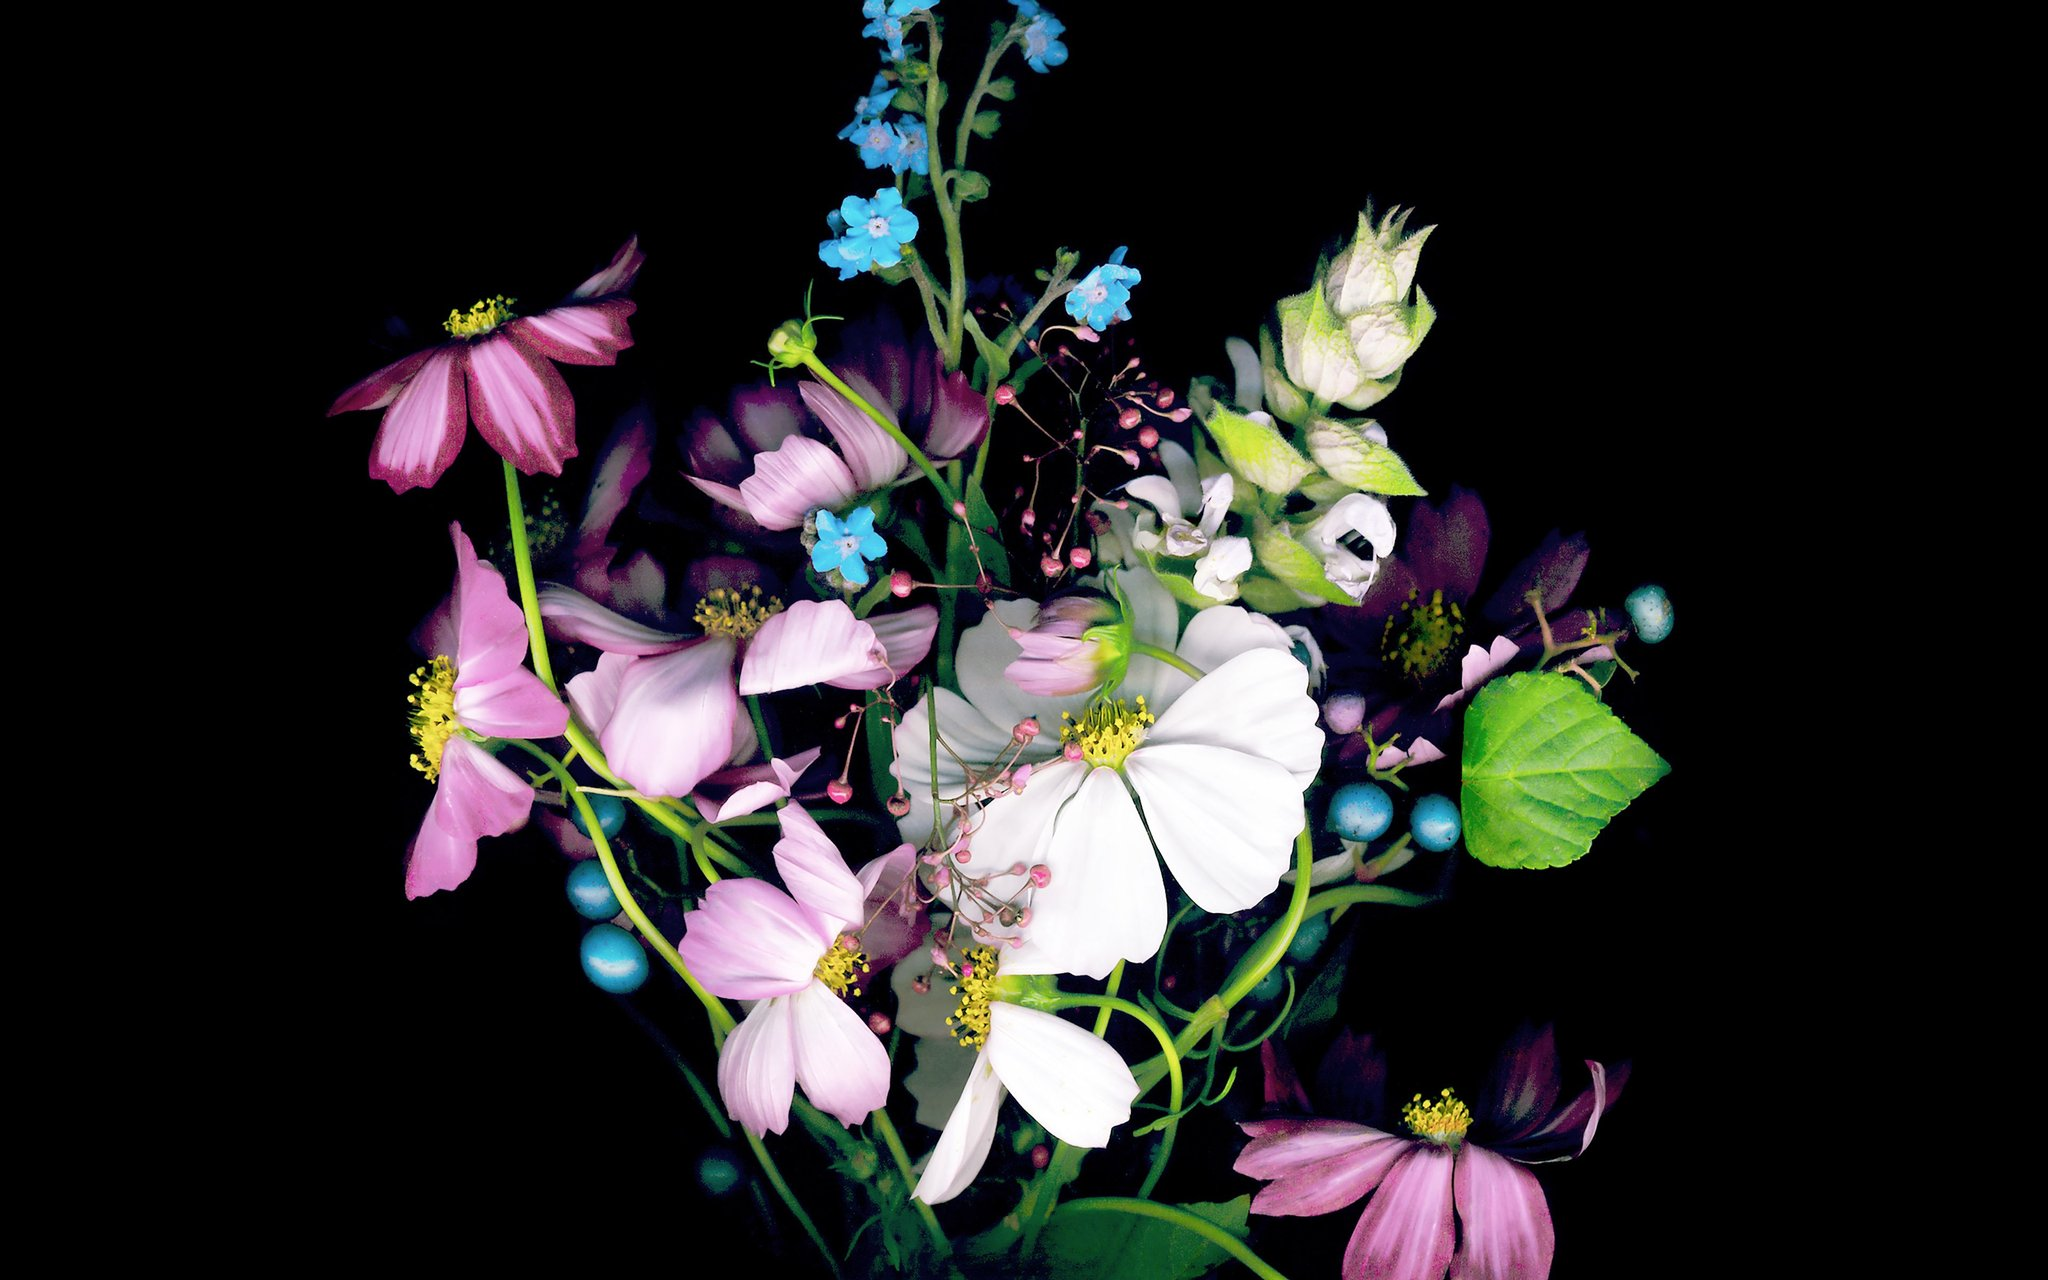 Картинки на рабочий стол айфона цветы овд-дракон, его